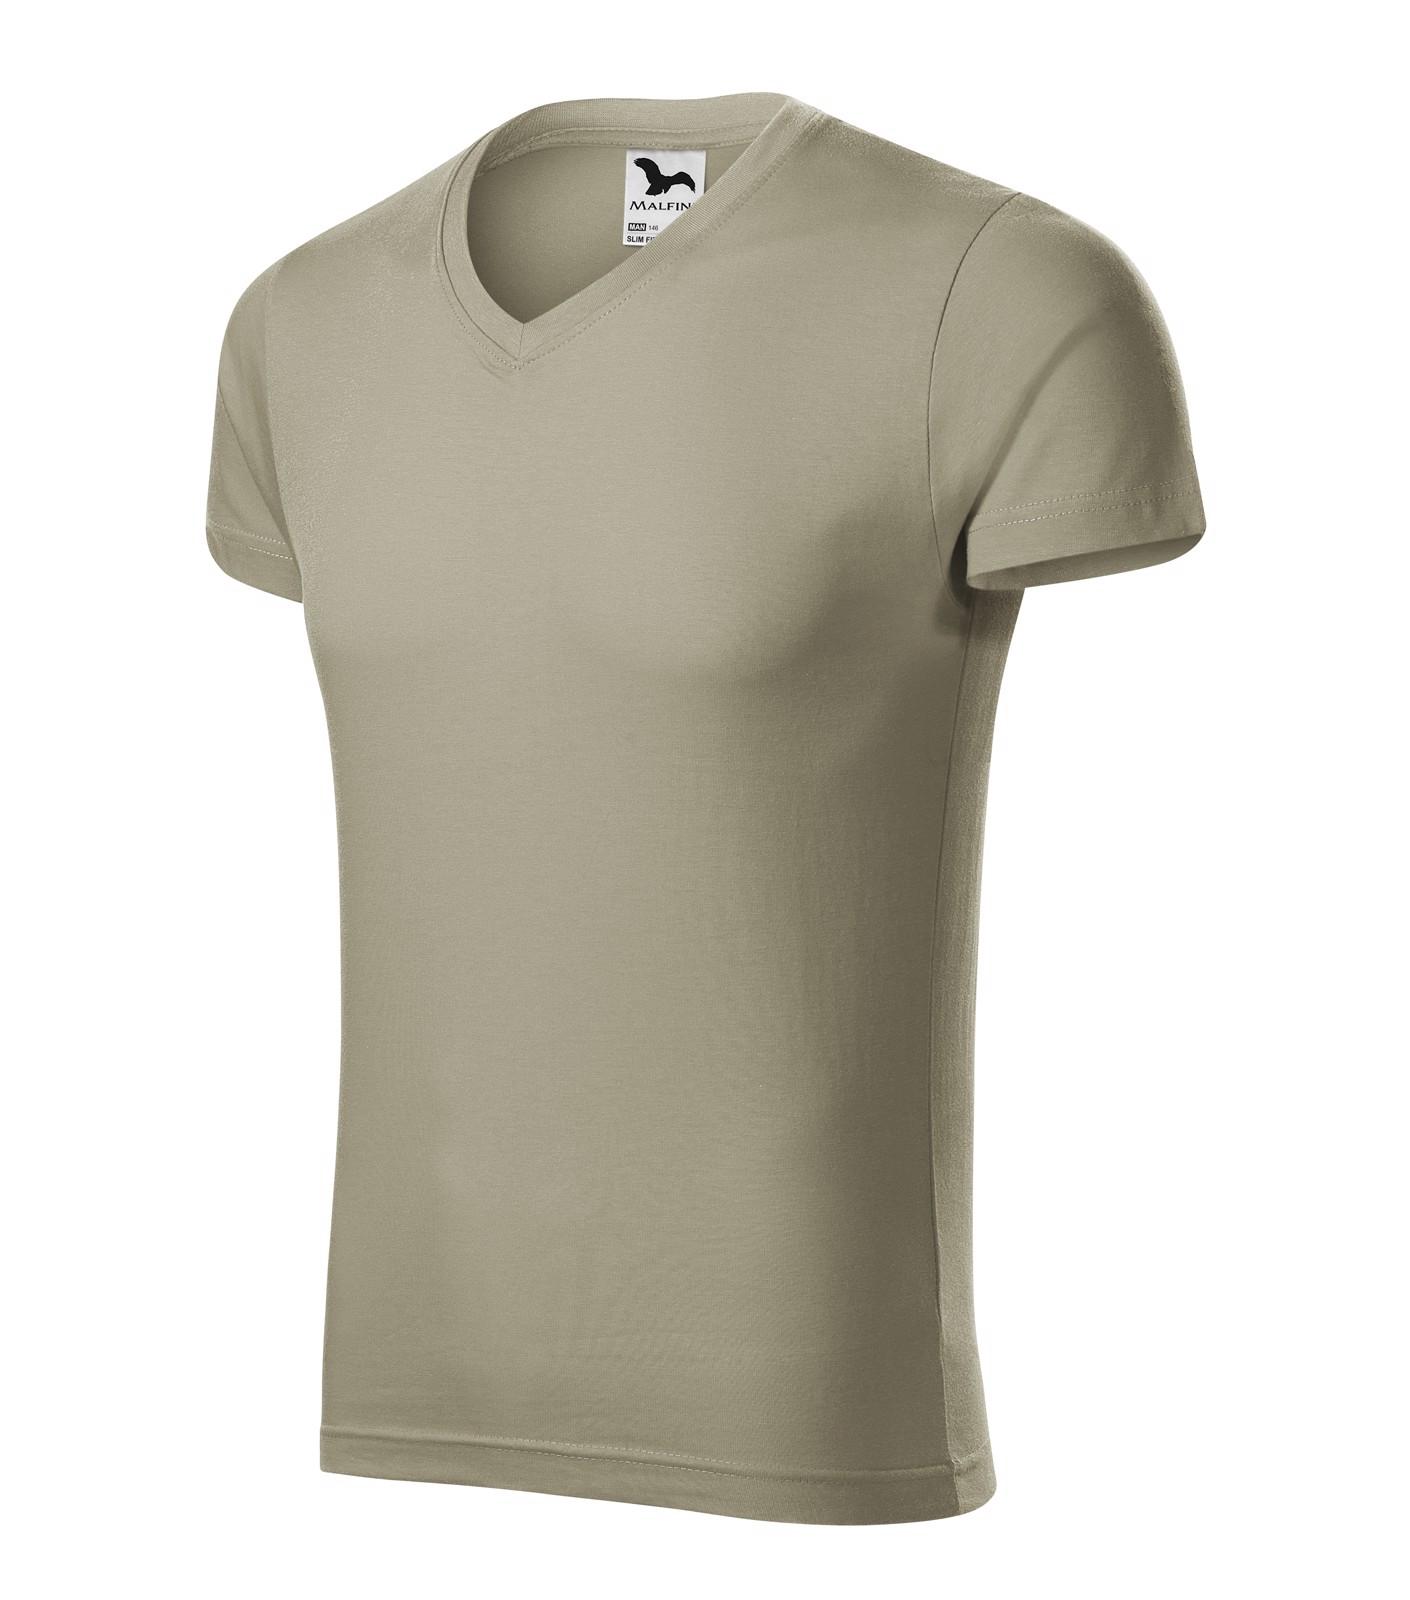 T-shirt men's Malfini Slim Fit V-neck - Light Khaki / L